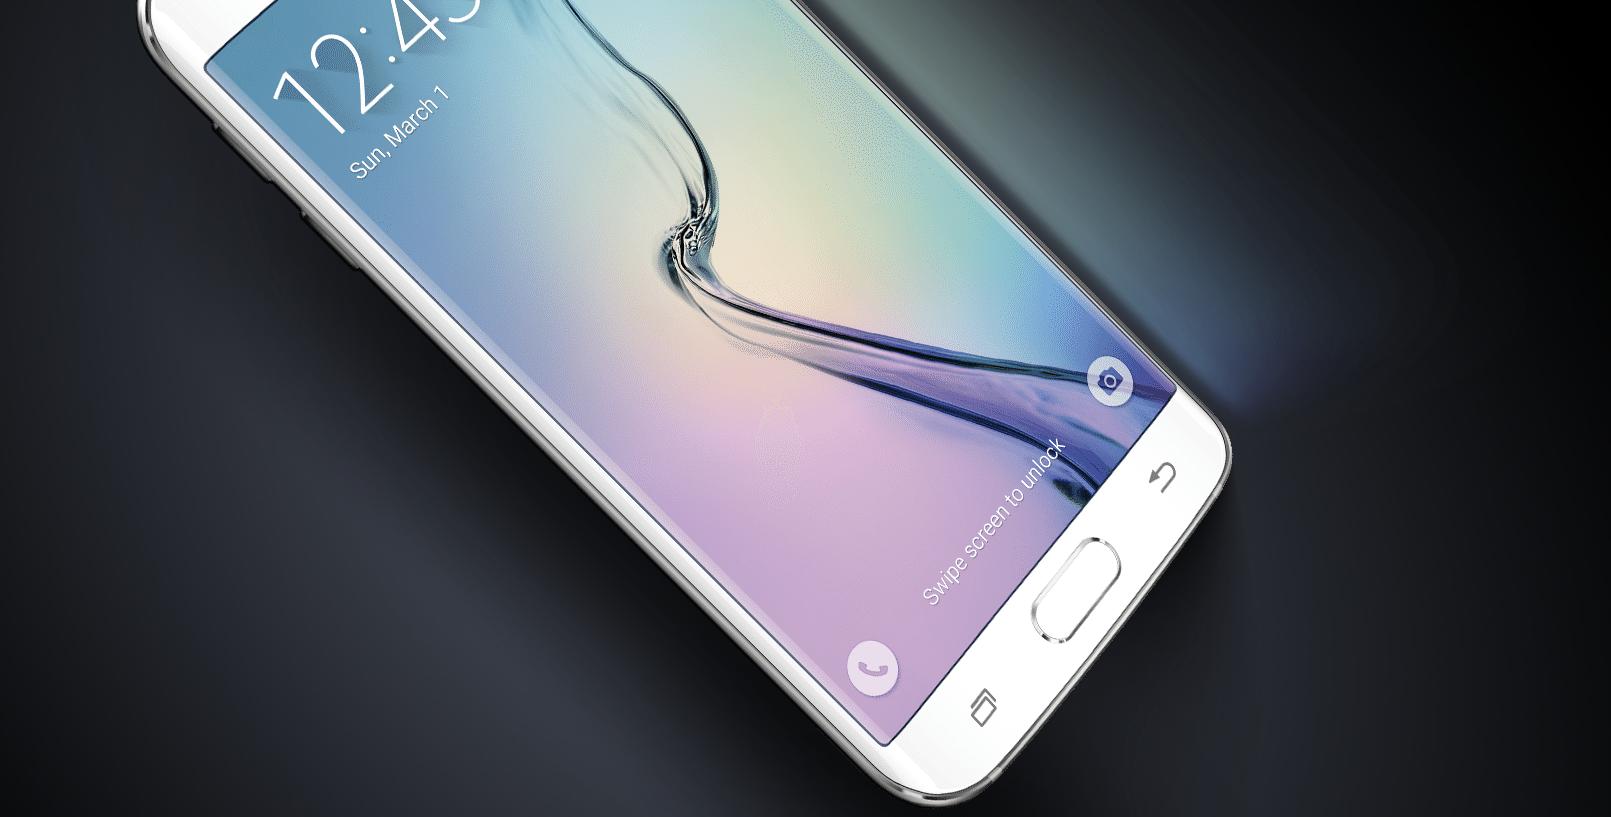 Samsung Galaxy S6, czyli koreańskie przeobrażenie